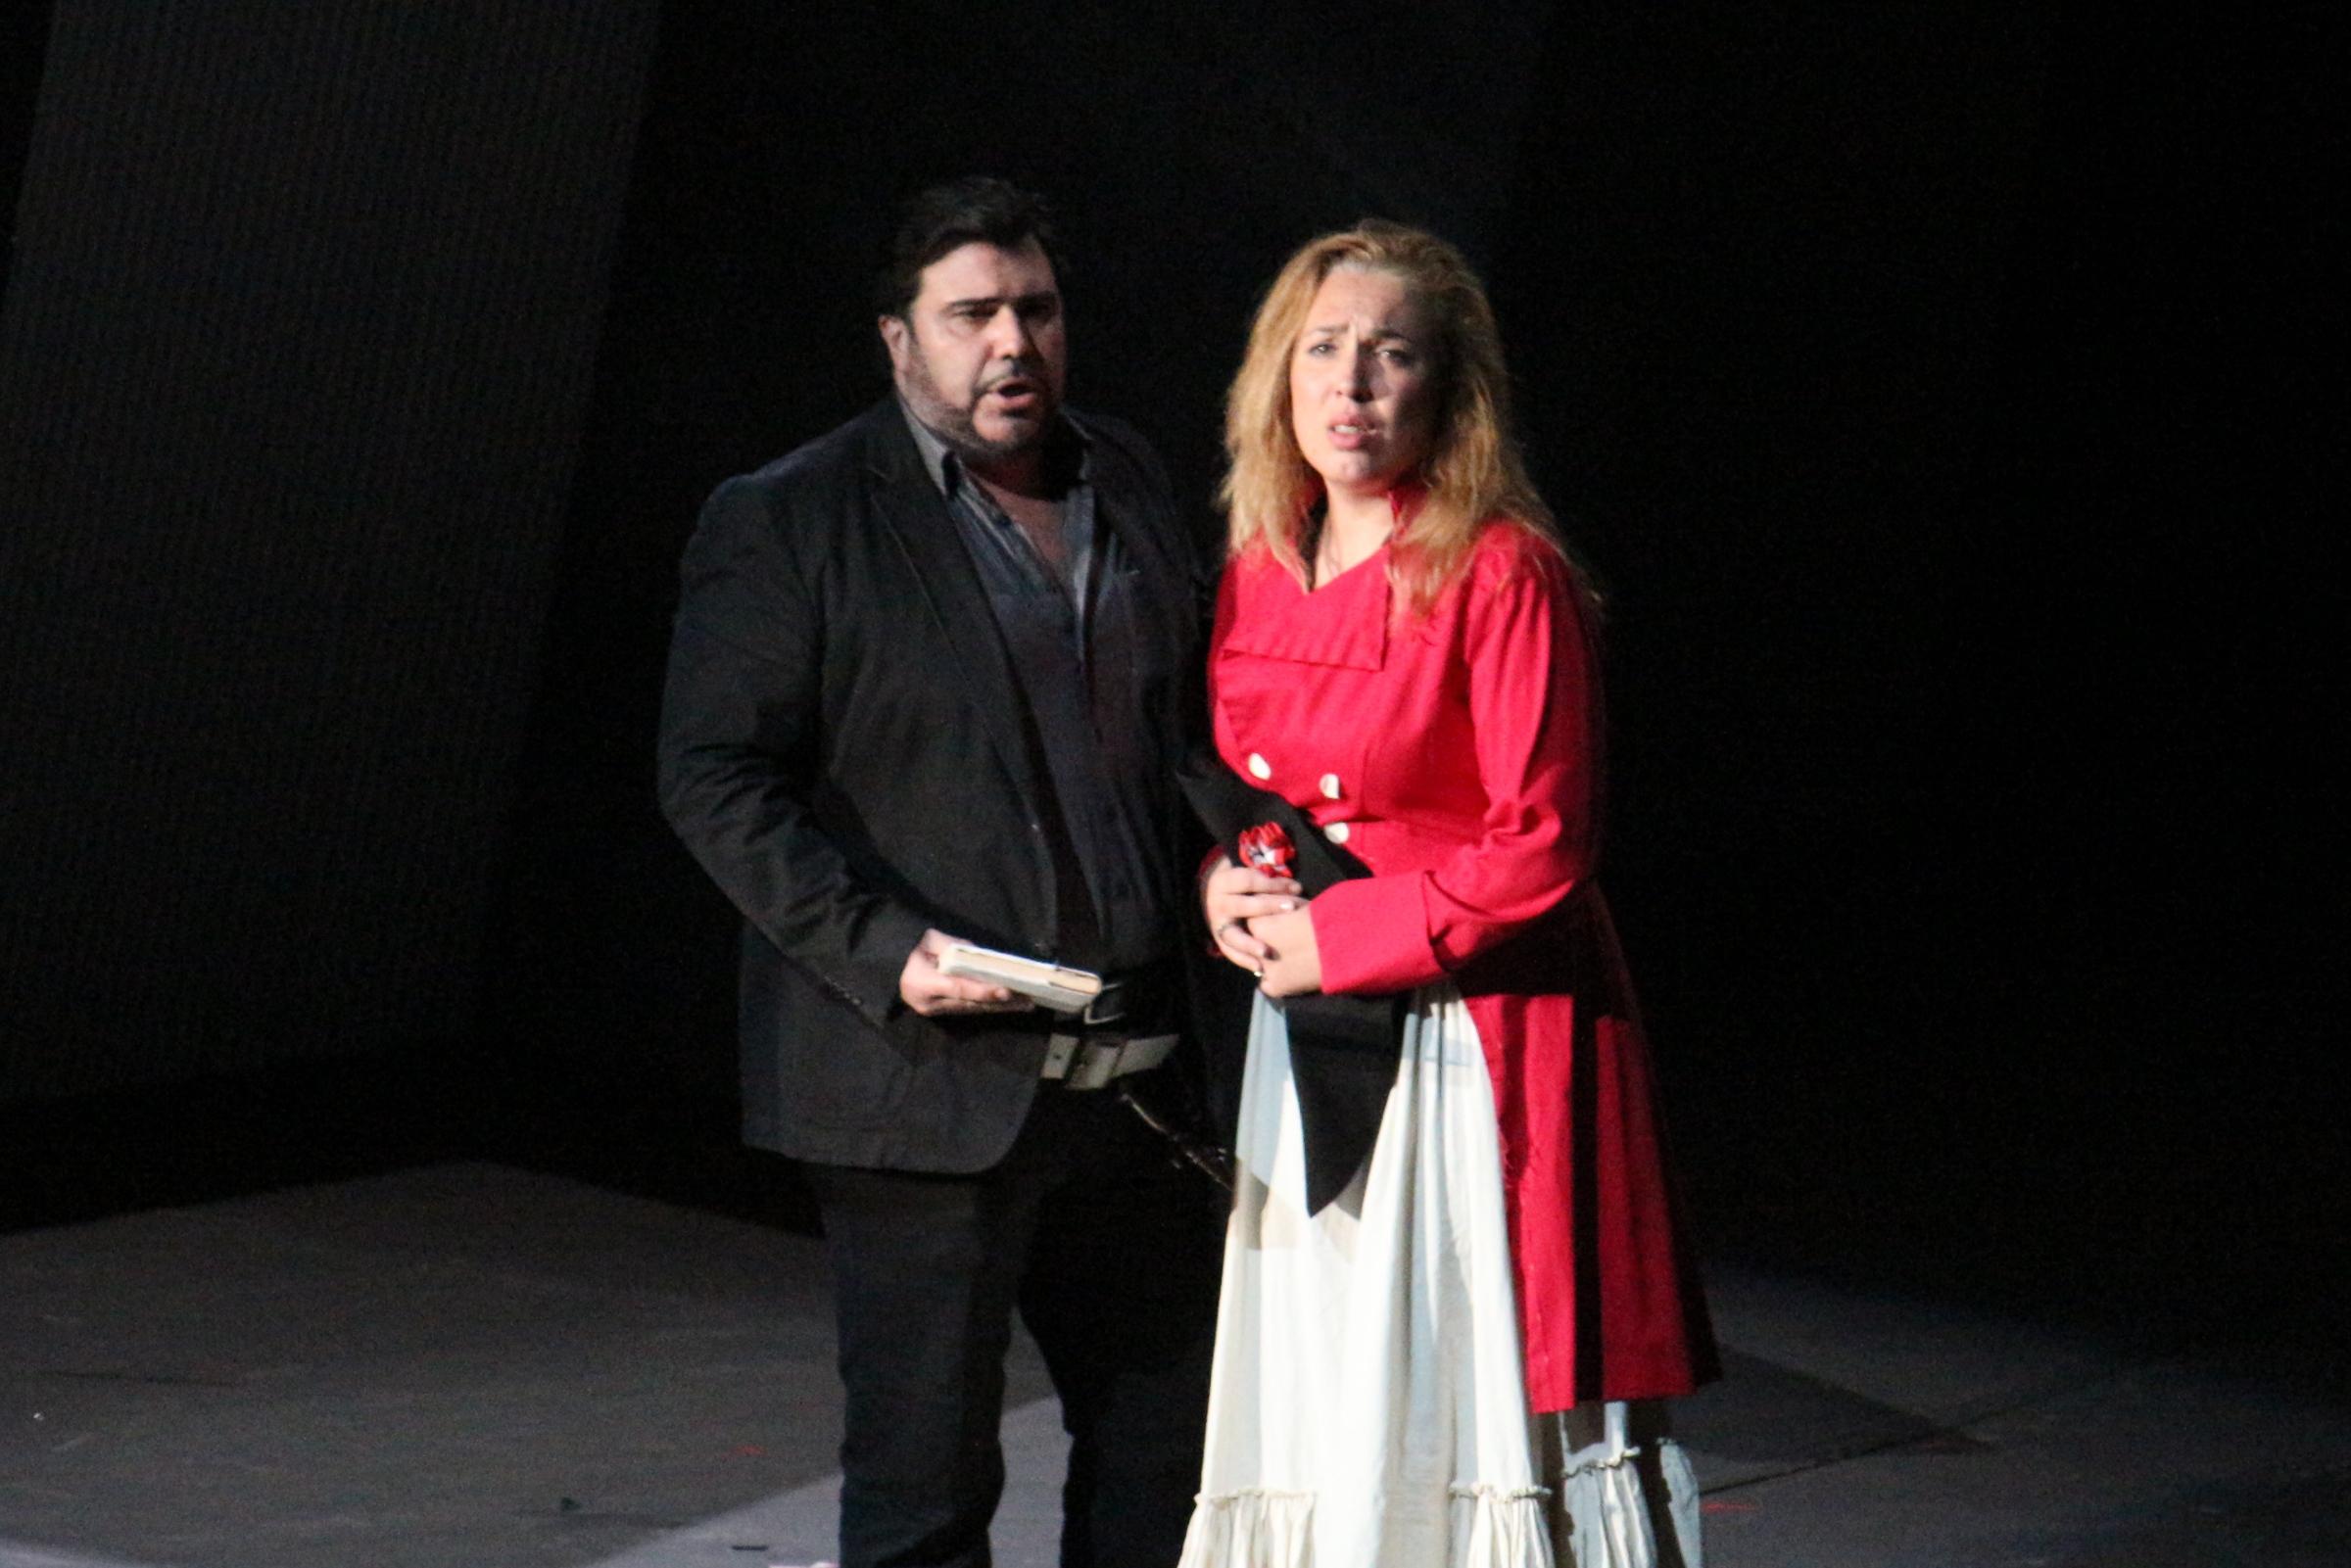 カルロ・ヴェントレ(アンドレア・シェニエ)とホセ・マリア・シーリ(マッダレーナ)の二人(4/10リハーサルより/衣装は出演者私服です) (新国立劇場提供)